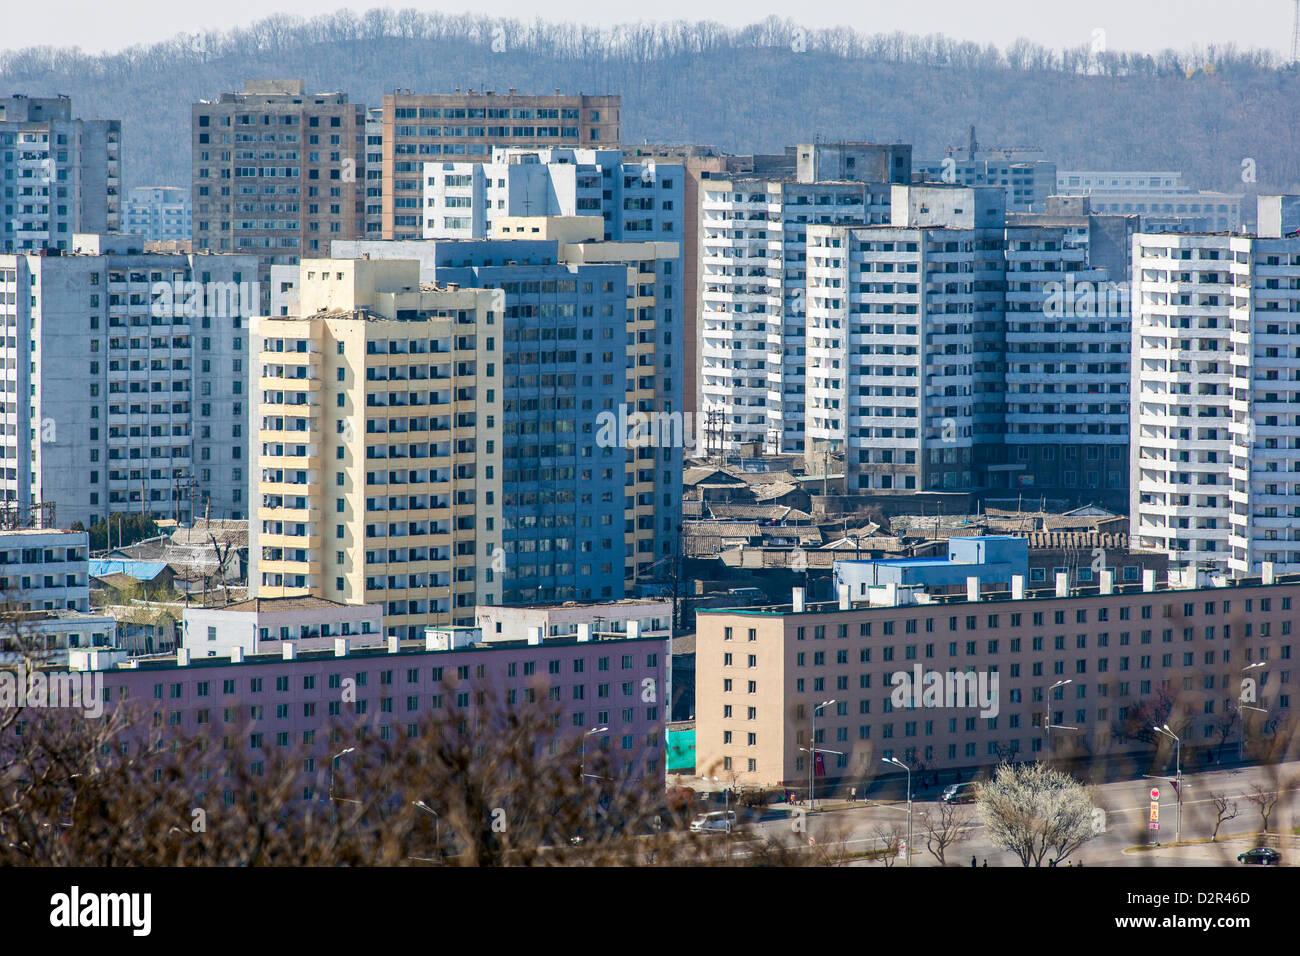 Apartment buildings, Pyongyang, Democratic People's Republic of Korea (DPRK), North Korea, Asia - Stock Image